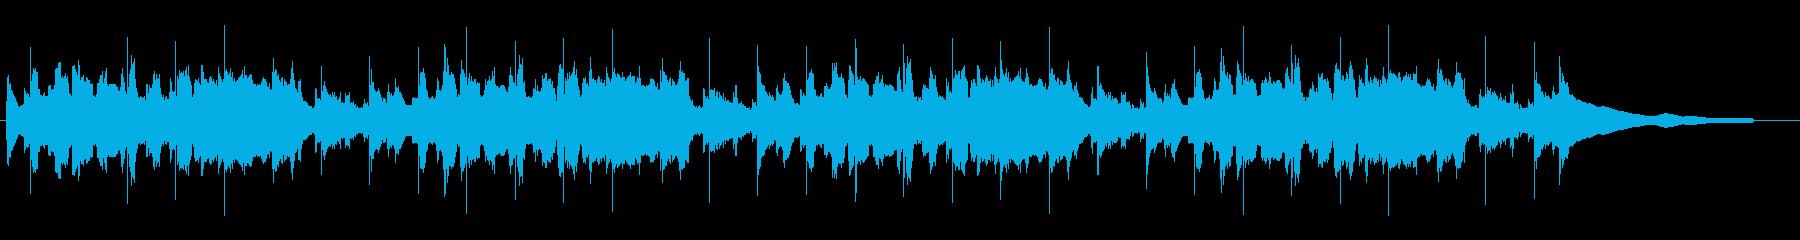 ほのぼのスローライフなアコースティックの再生済みの波形